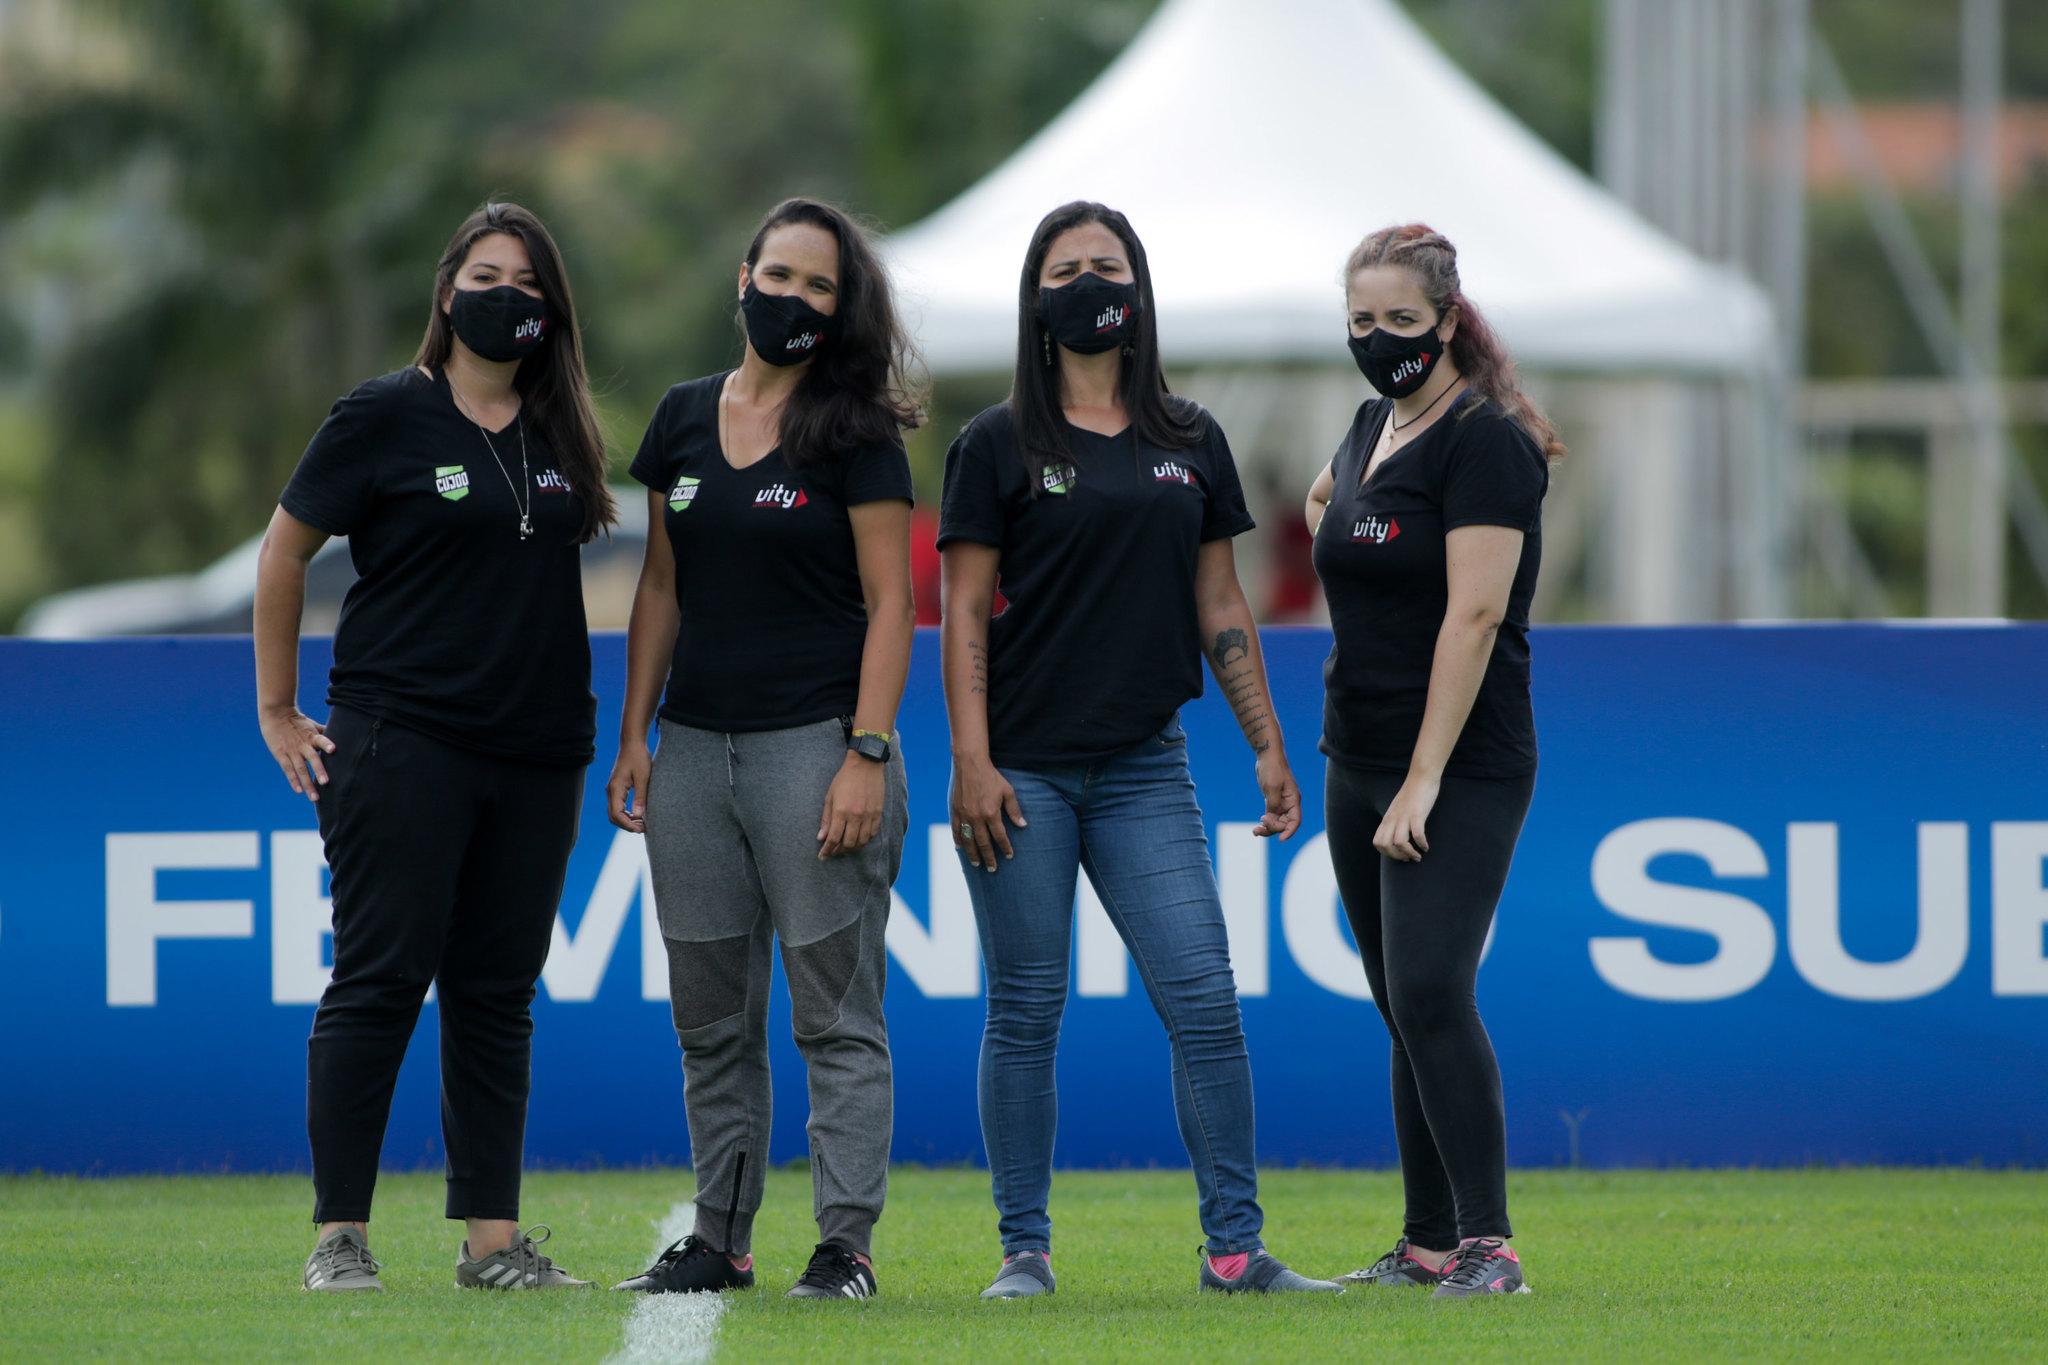 Opinião: Do céu ao inferno com as transmissões da CBF no Brasileirão Sub-18 - Olimpia Sports